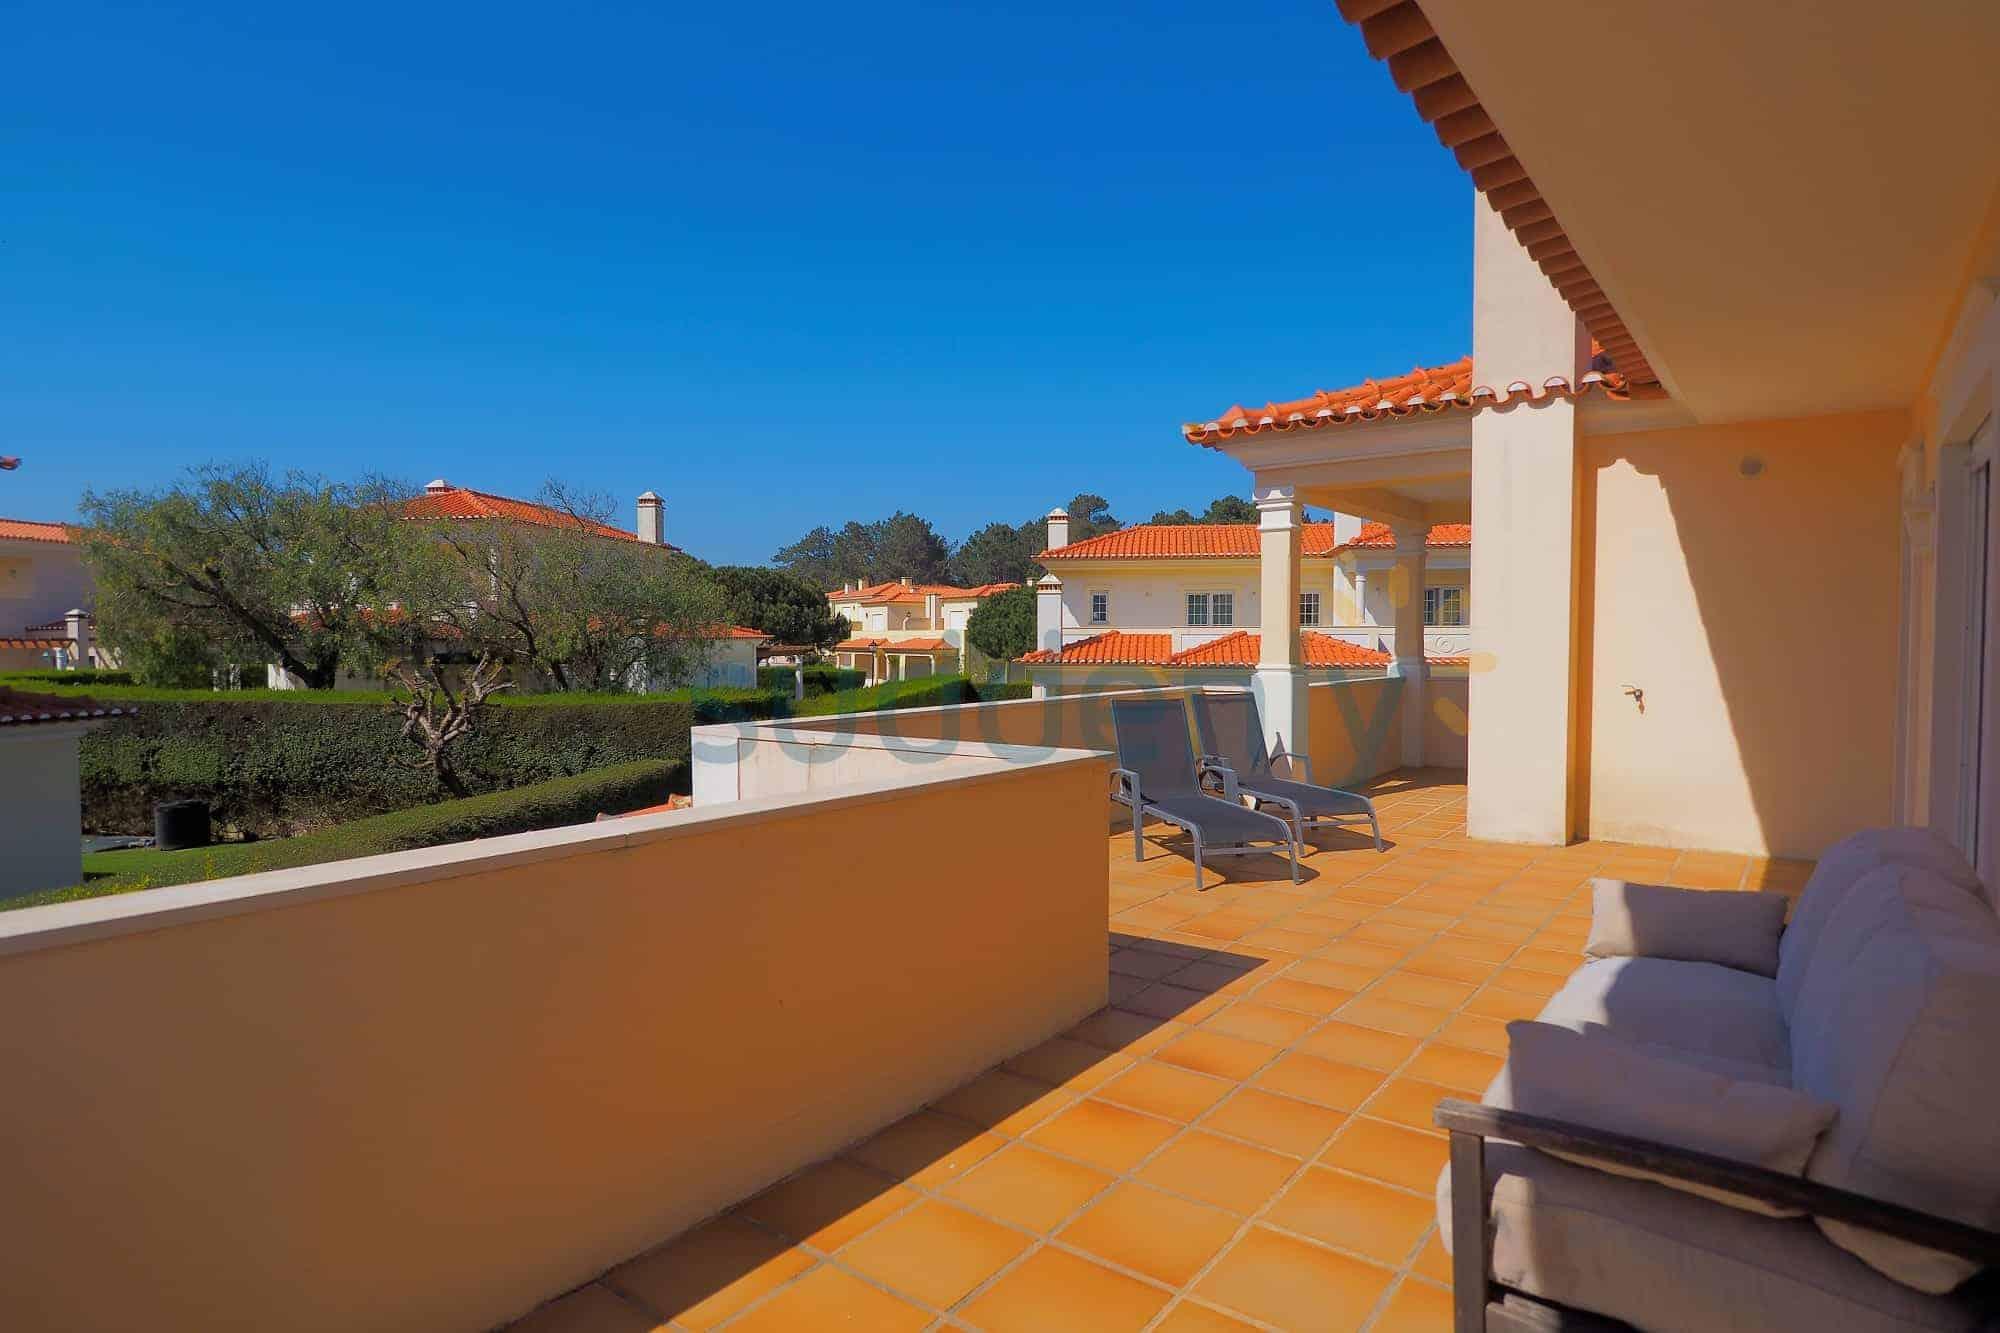 Holiday Rentals in Praia D'El Rey 31